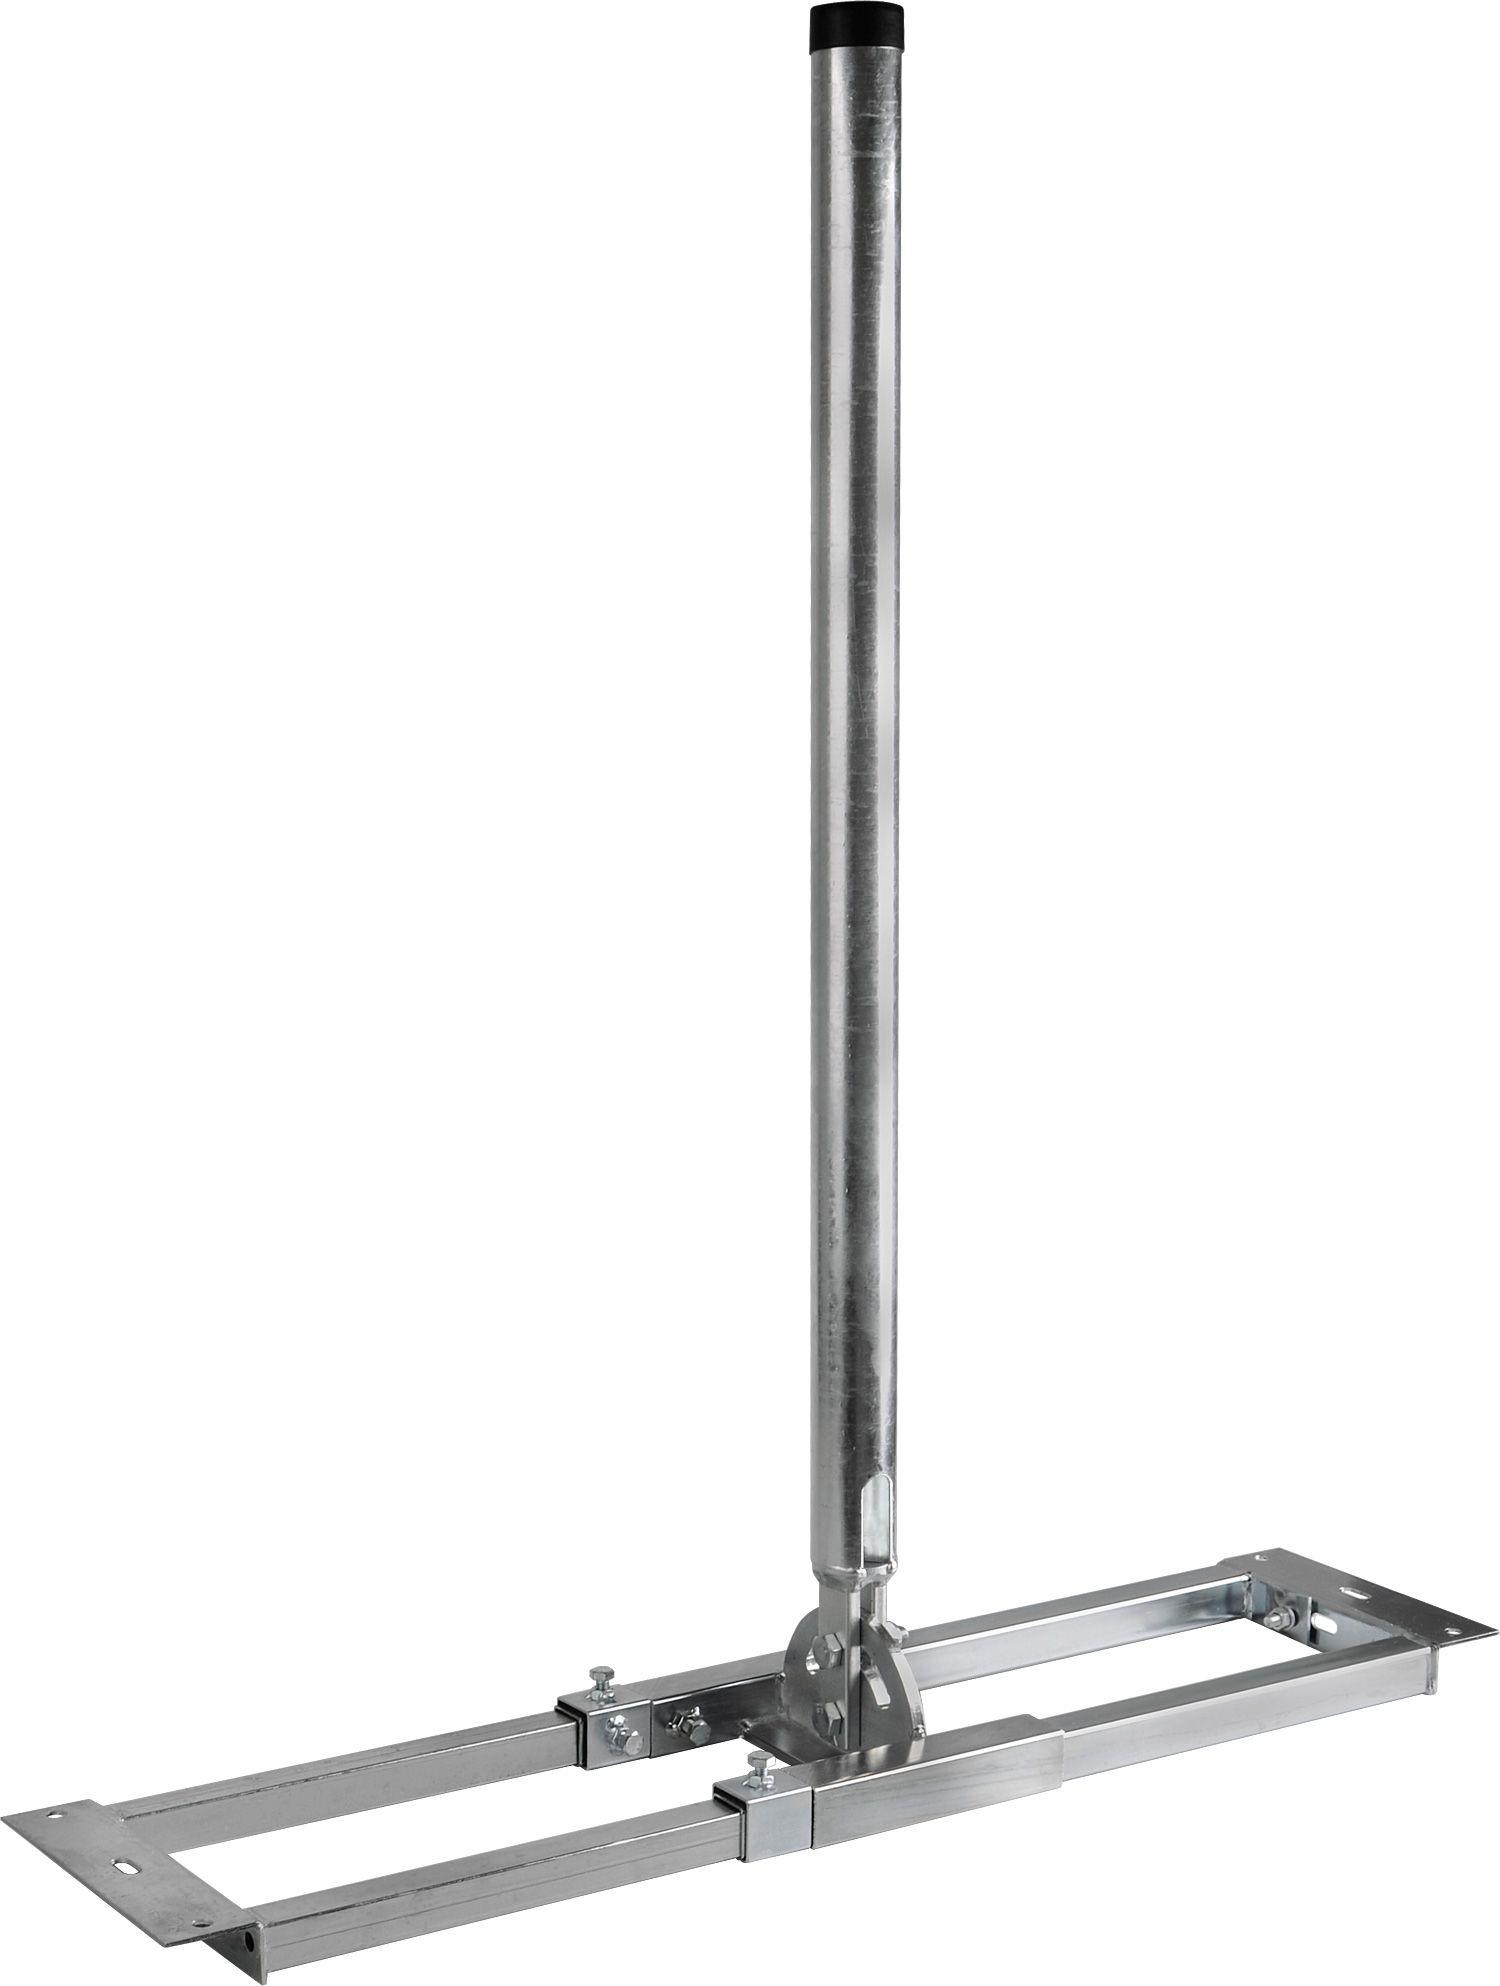 DUR-line Stabilo 48-1000 - Dachsparrenhalter